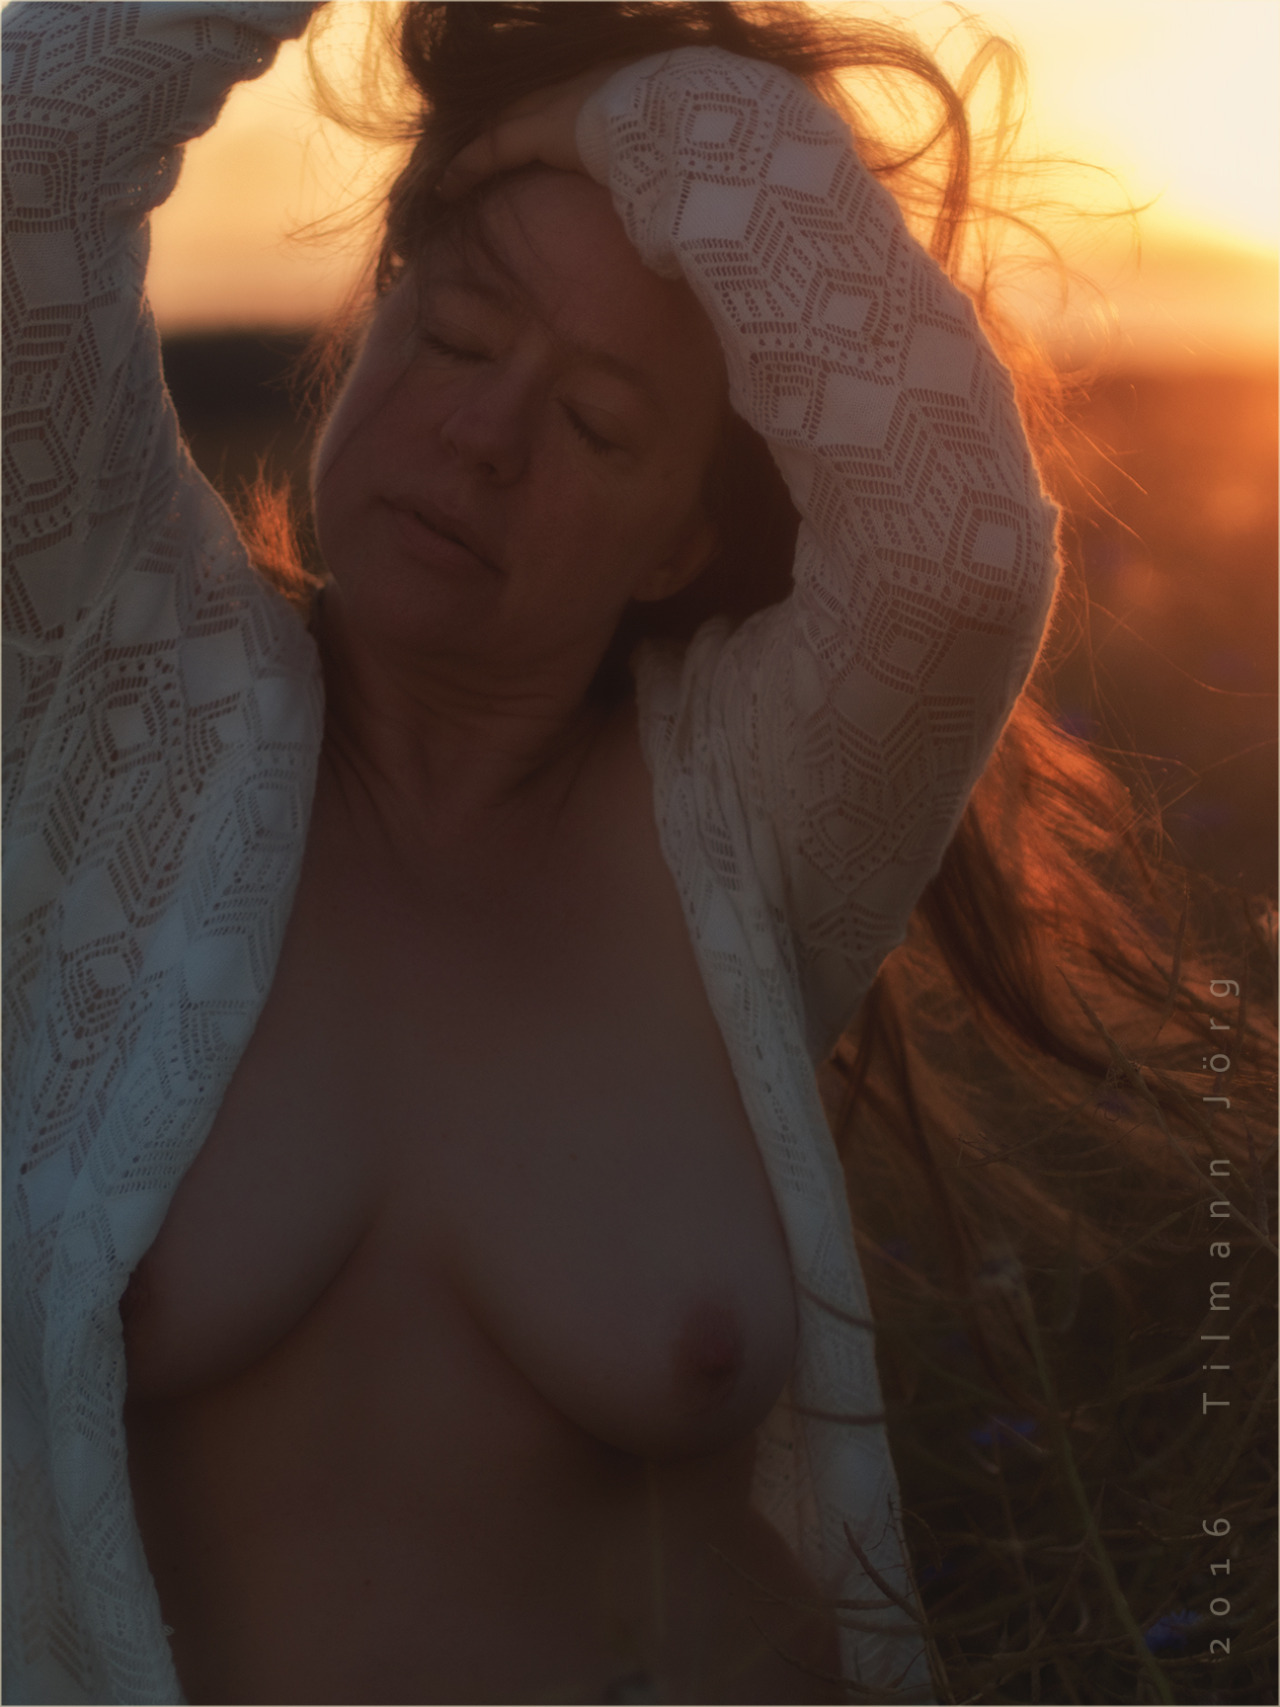 halbnackte Frau vor einem Sonnenuntergang